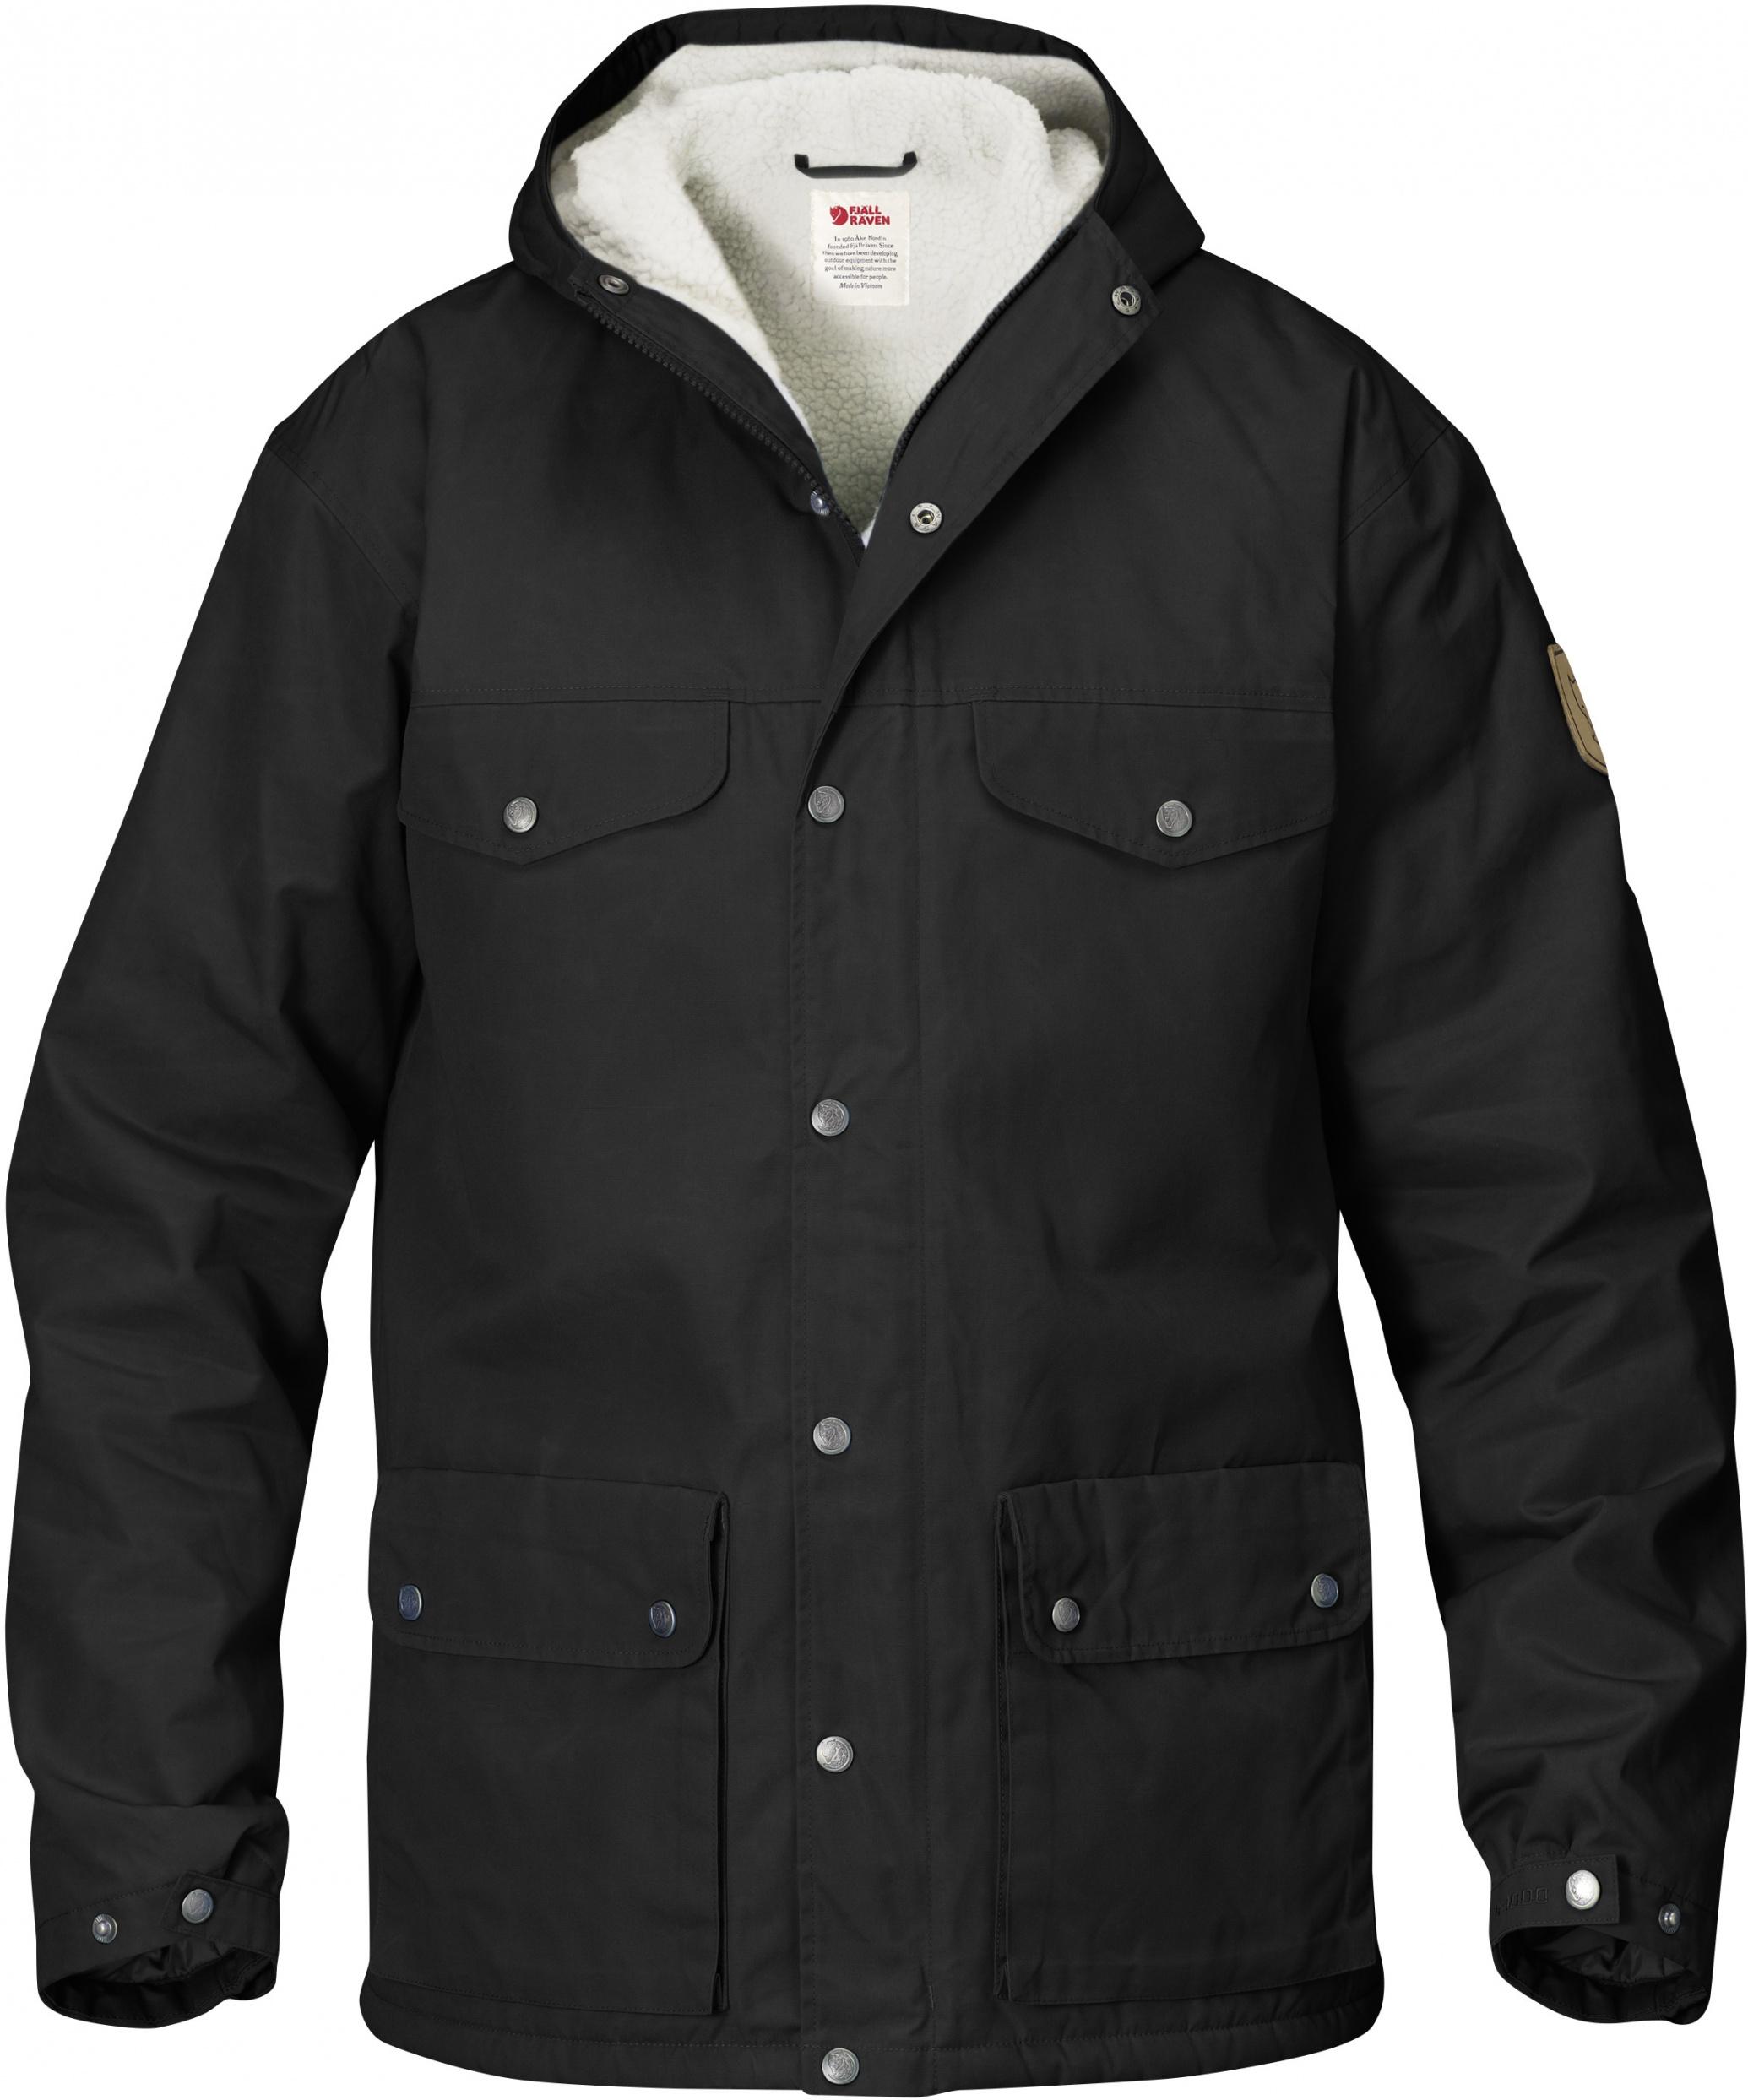 Image of   Fjällräven Greenland Winter Jacket Sort